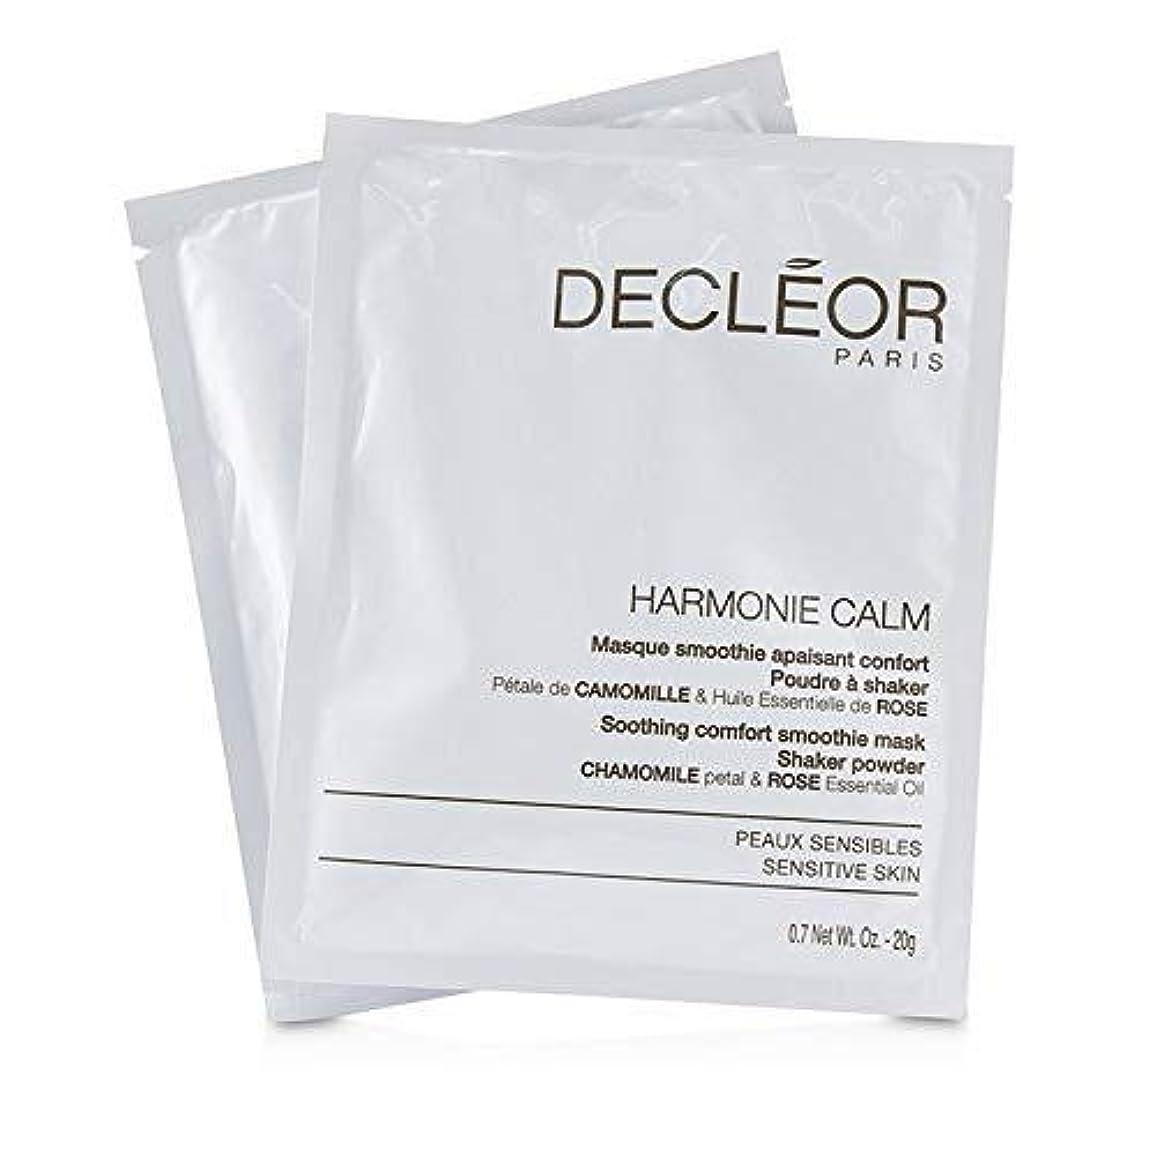 節約する起こりやすいそれによってデクレオール Harmonie Calm Soothing Comfort Smoothie Mask Shaker Powder - For Sensitive Skin (Salon Product) 5x20g/0.7oz...